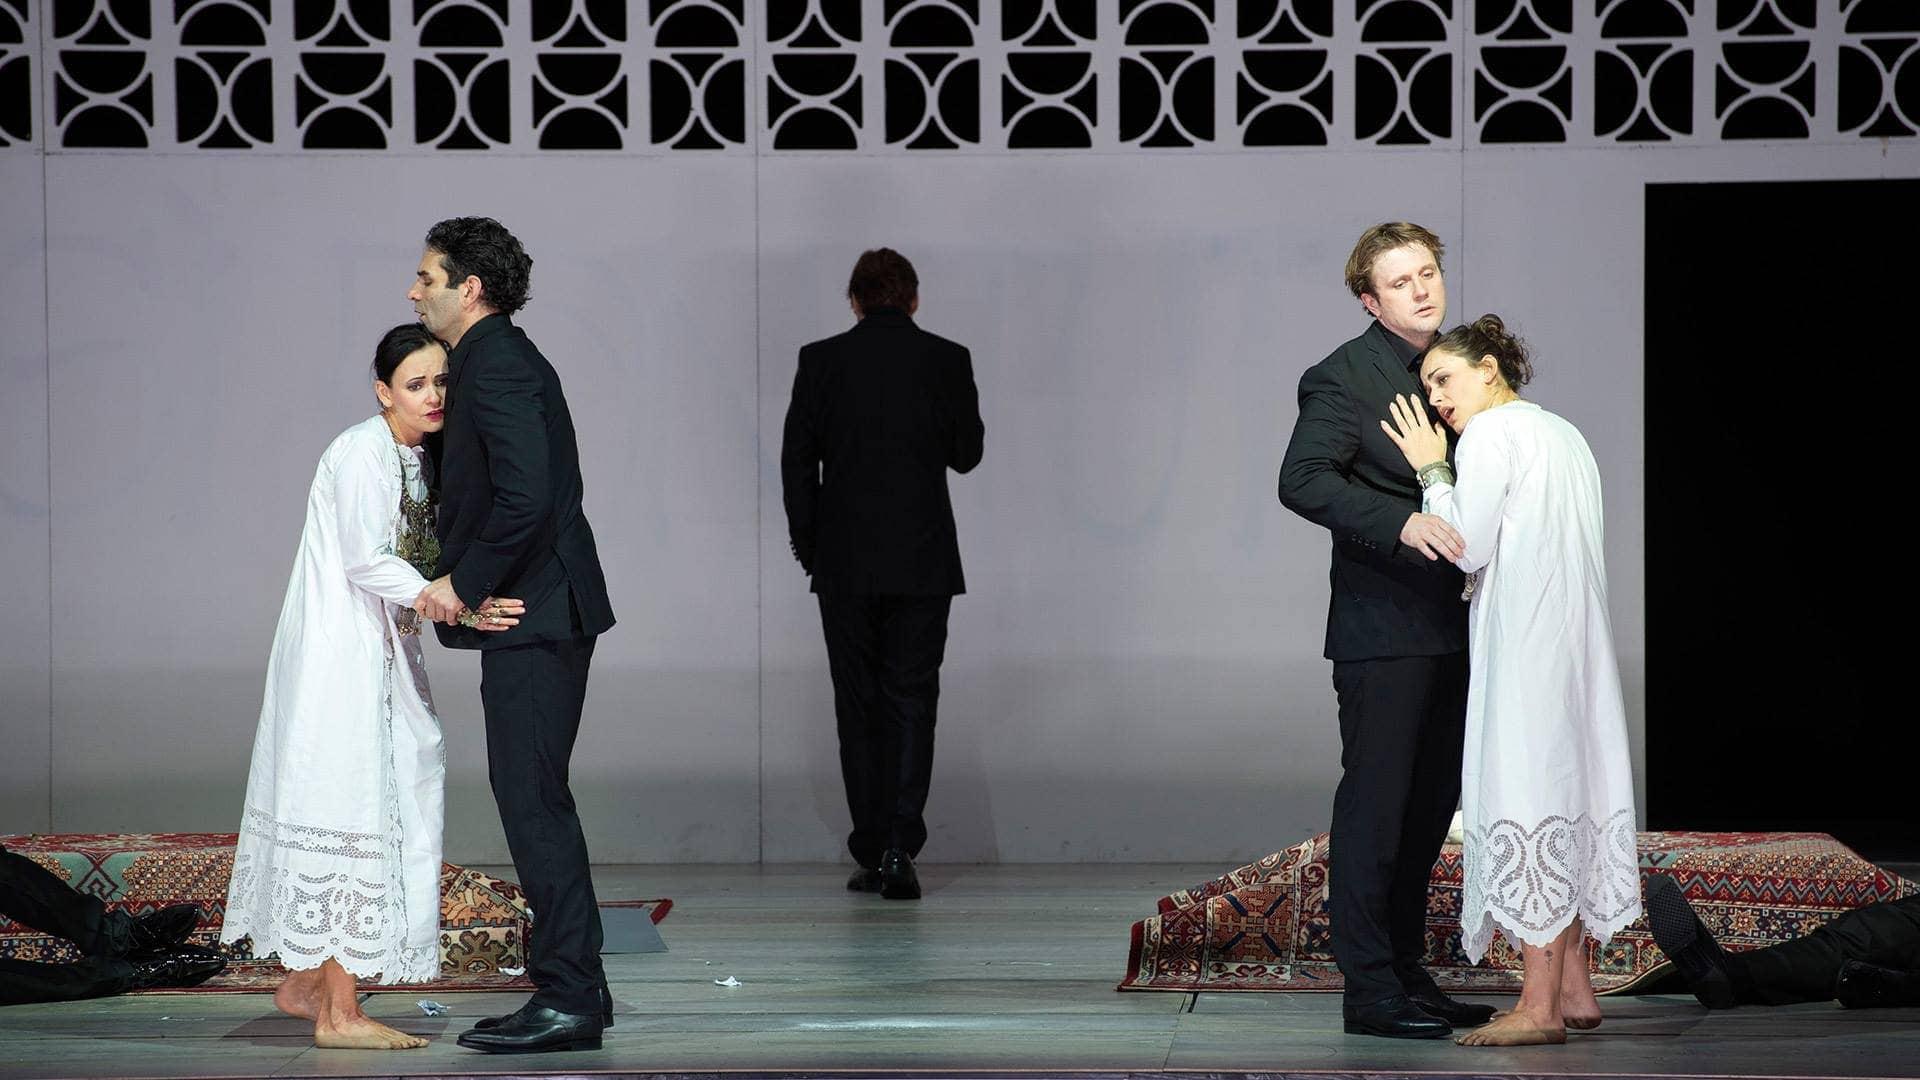 """Сцена из оперы Моцарта """"Cosi fan tutte"""" в посттановке Кирилла Серебренникова. Фото предоставлены Цюрихской оперой, автор - Monika Rittershaus."""